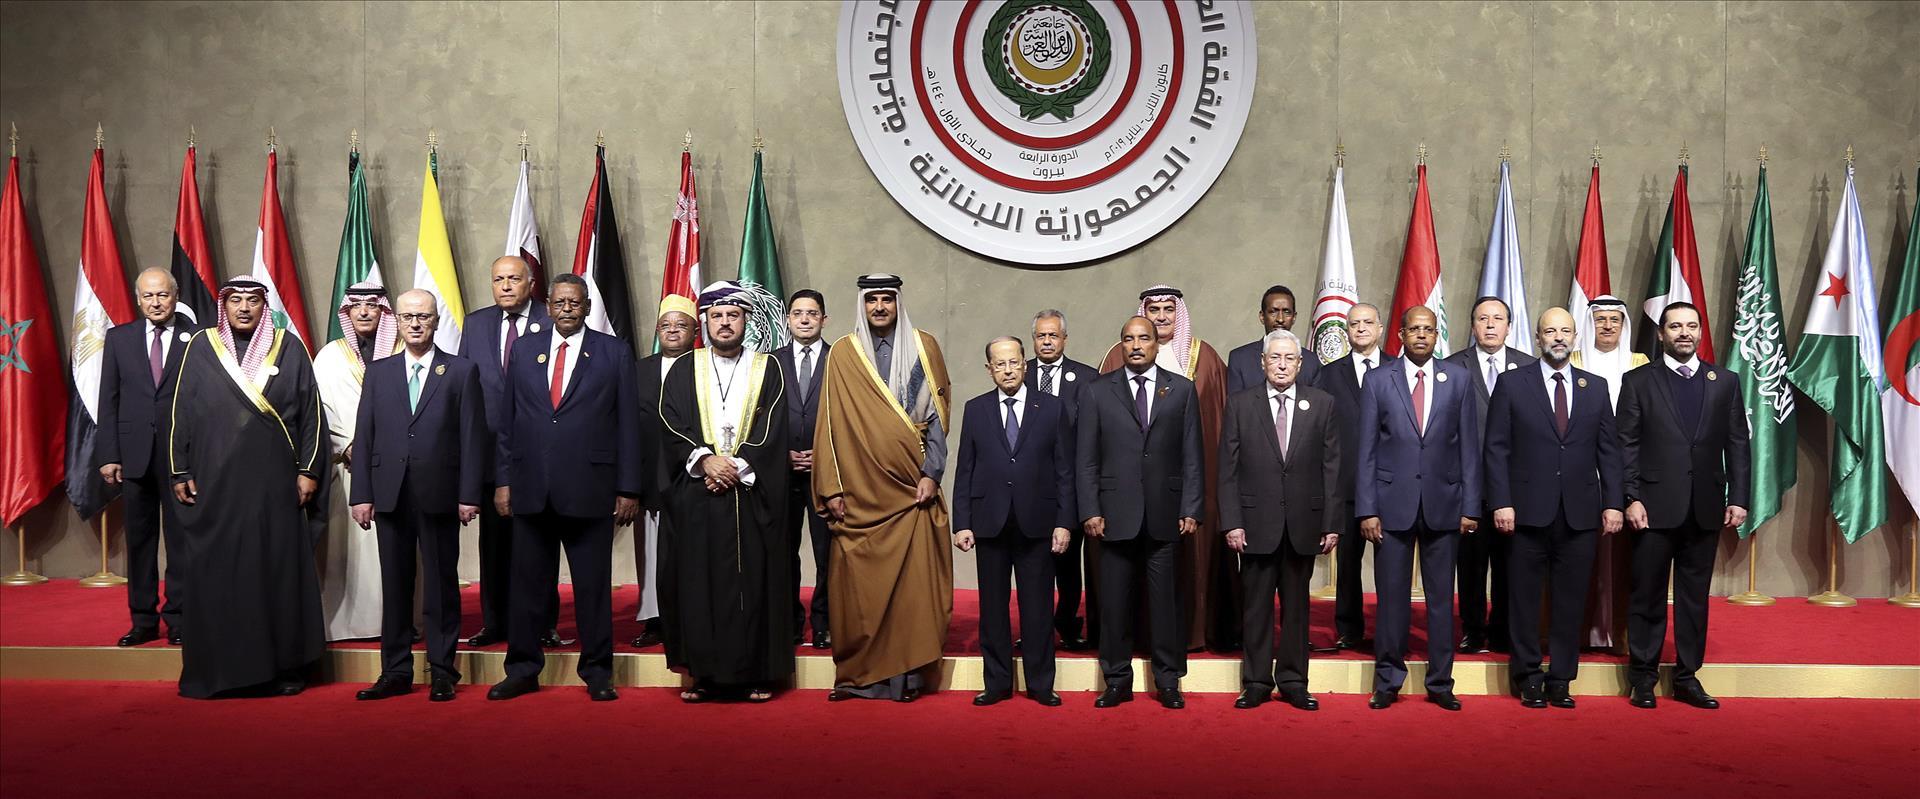 מנהיגי מדינות ערב